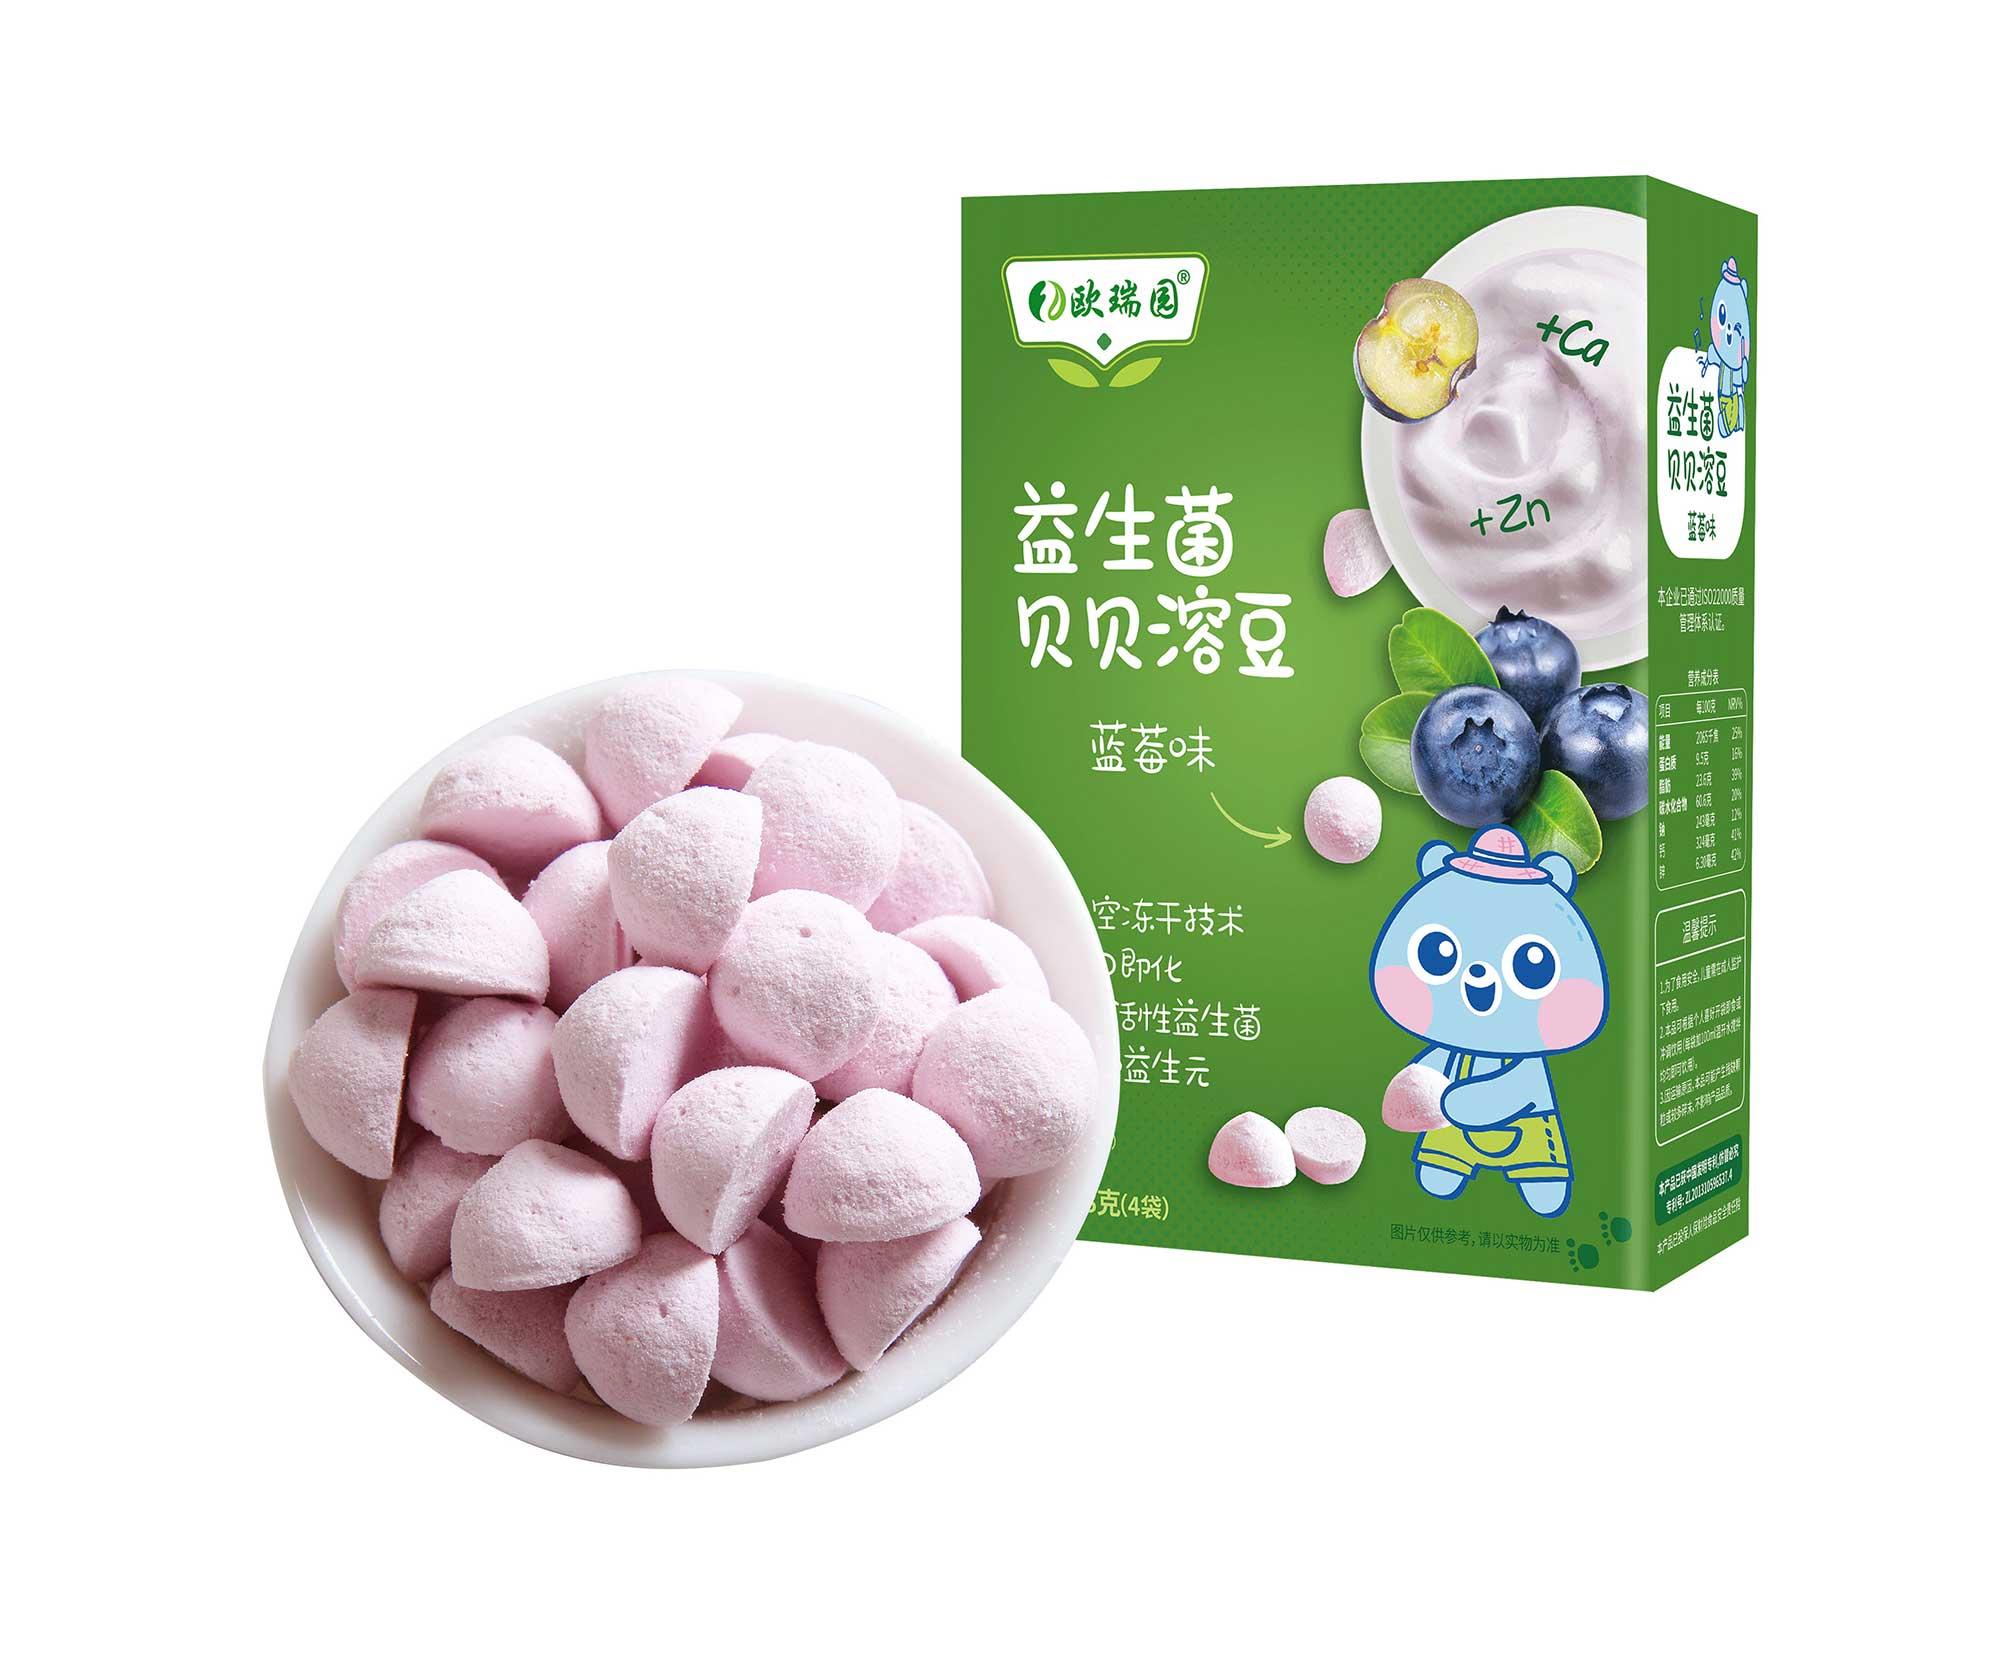 益生菌酸奶溶豆藍莓味